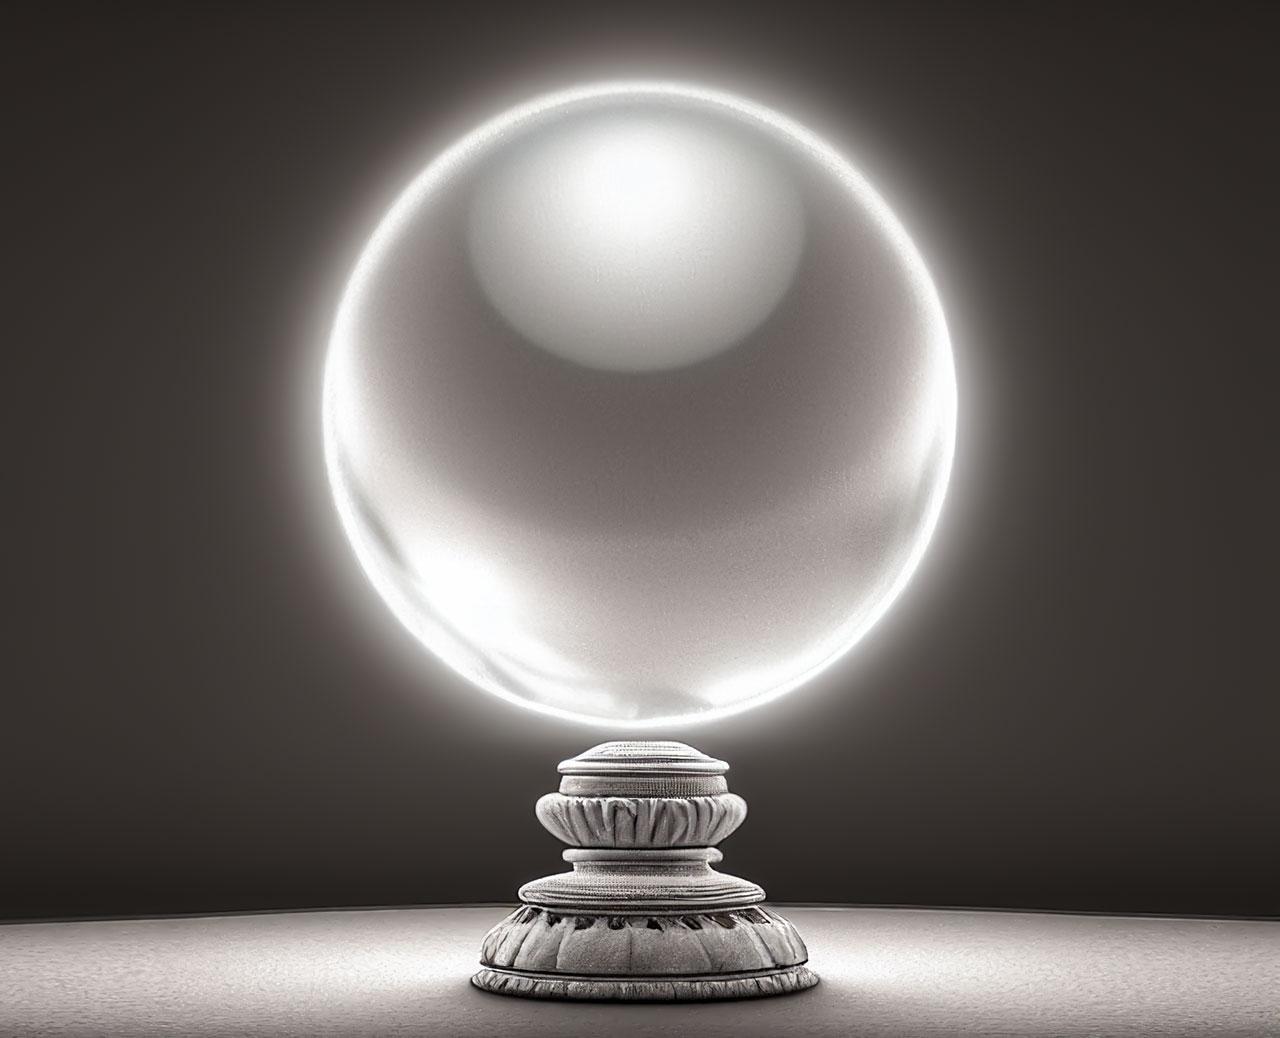 La boule de cristal magique